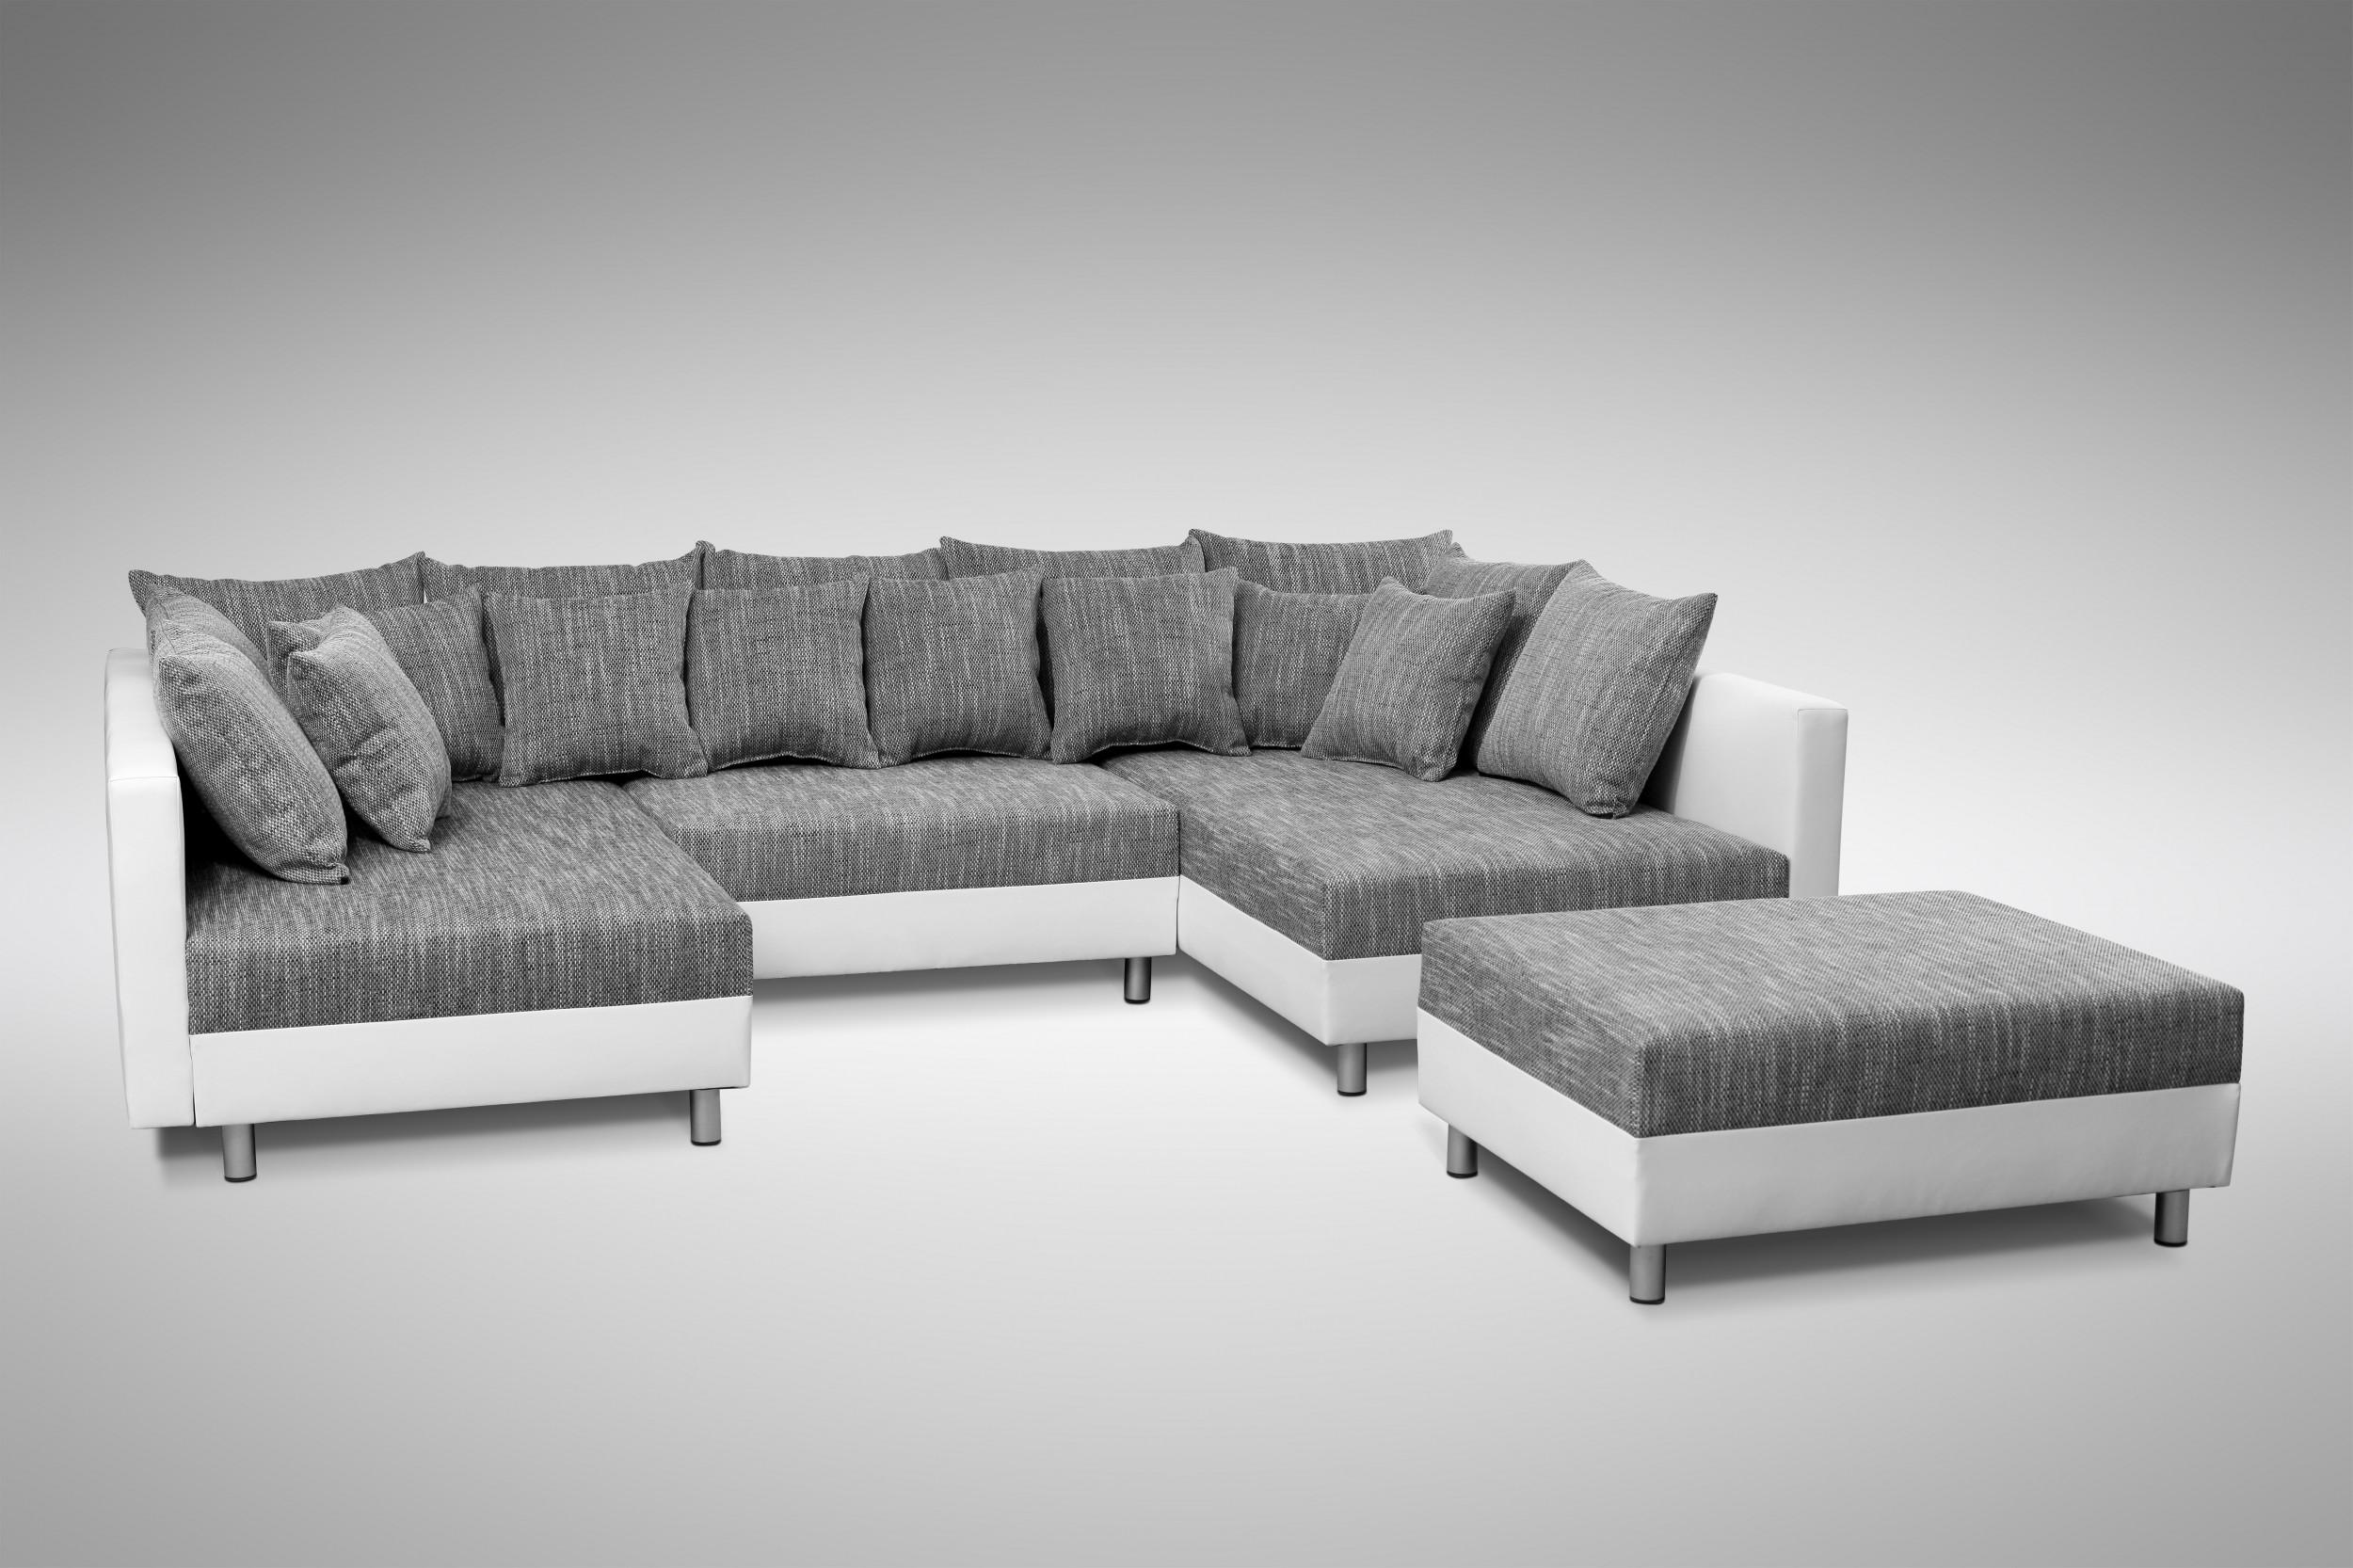 Eckcouch  Sofa Couch Ecksofa Eckcouch in weiss / hellgrau Eckcouch mit ...